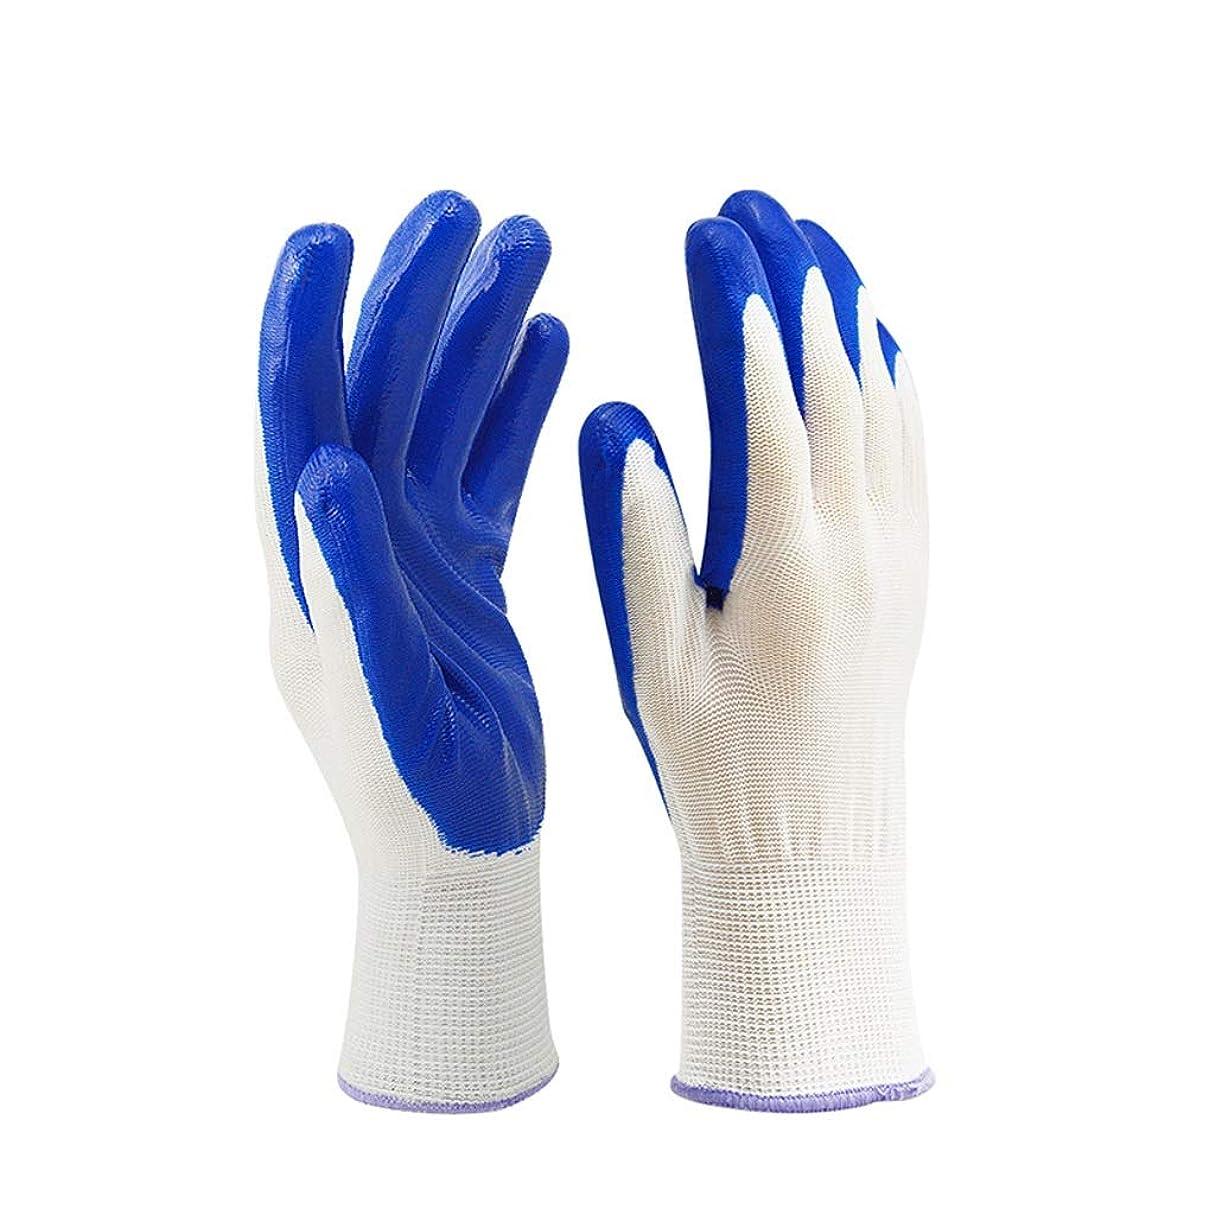 セラー親密な叙情的なニトリルコーティング手袋保護用保護手袋オイルとスキッドに耐える機械的メンテナンス作業に使用黒いナイロン柔軟で SHWSM